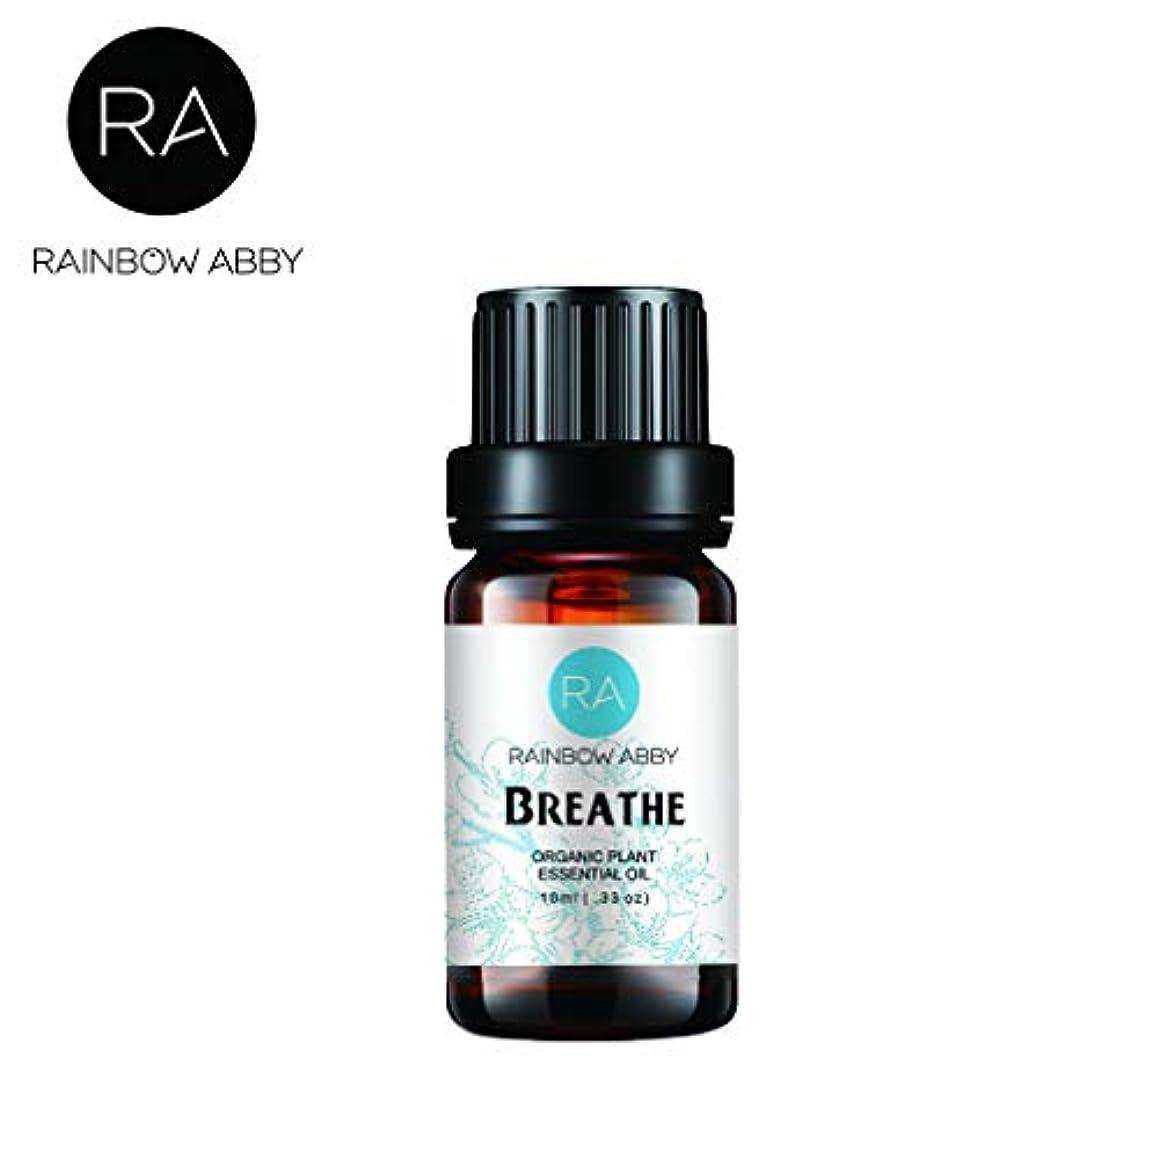 変更牽引増加するRAINBOW ABBY 呼吸する エッセンシャル オイル - 100% ピュア ベスト オーガニック 治療 グレード ブレンド エッセンシャル オイル - 10ml